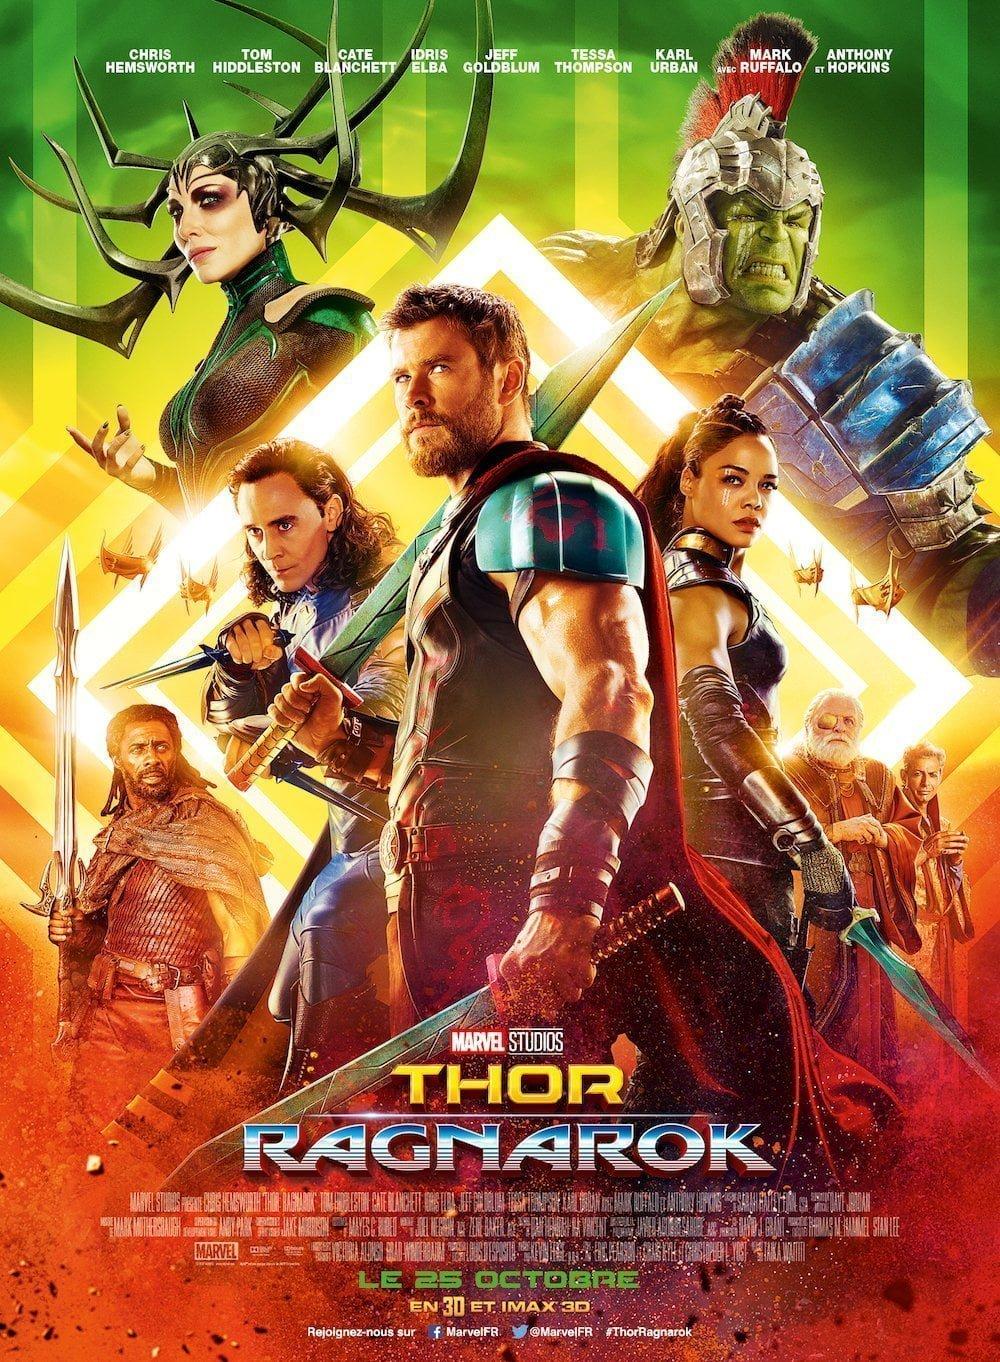 Thor: Ragnarök affiche